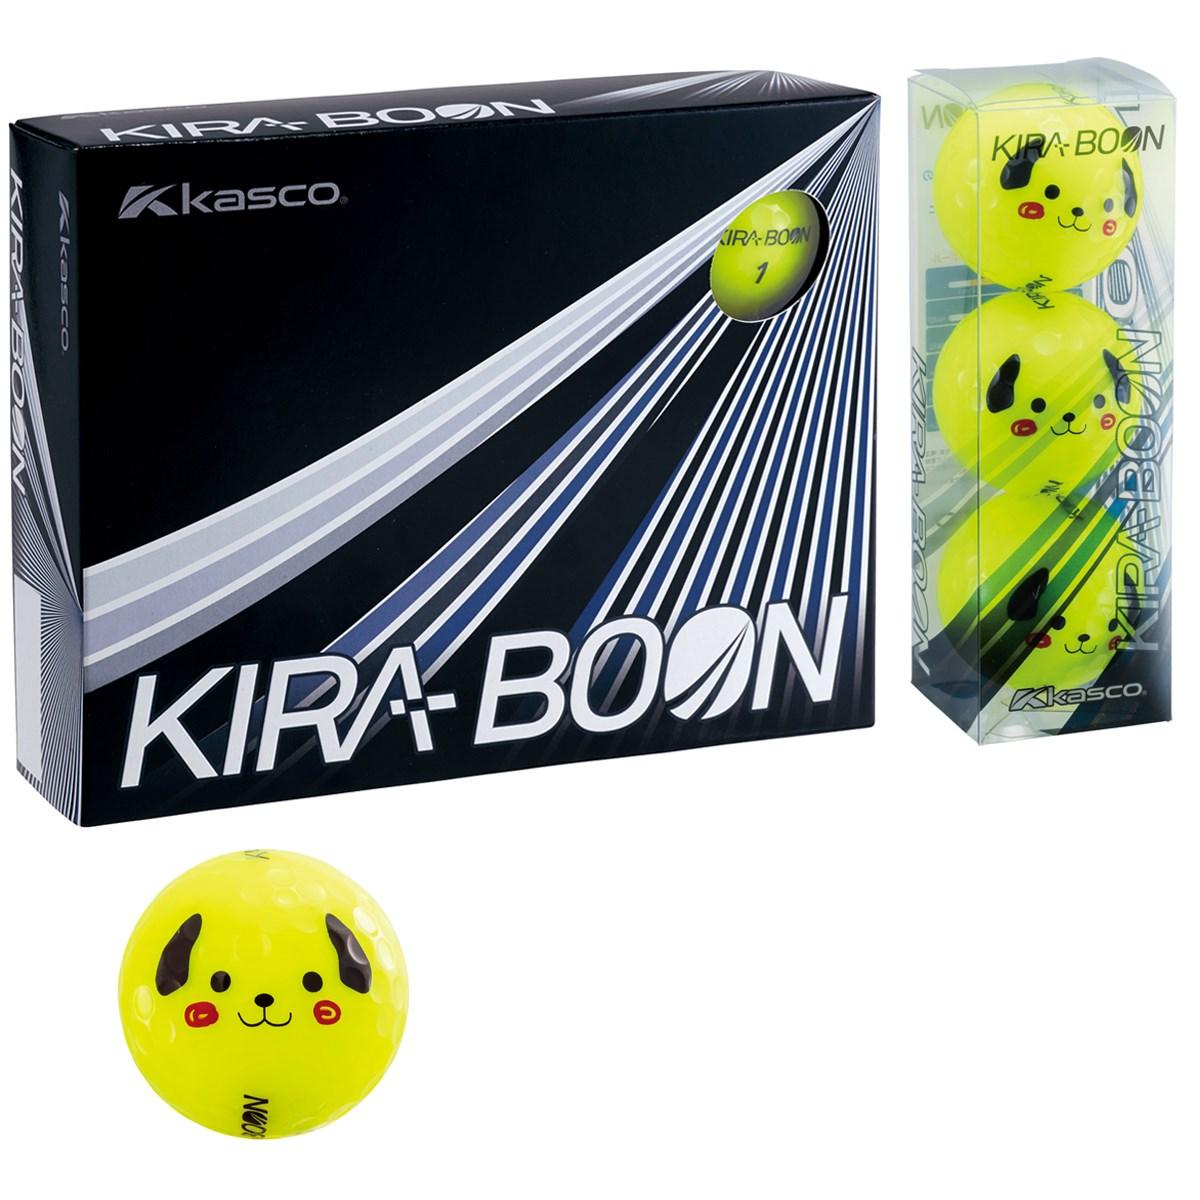 キャスコ(KASCO) KIRA BOON こたろー ボール